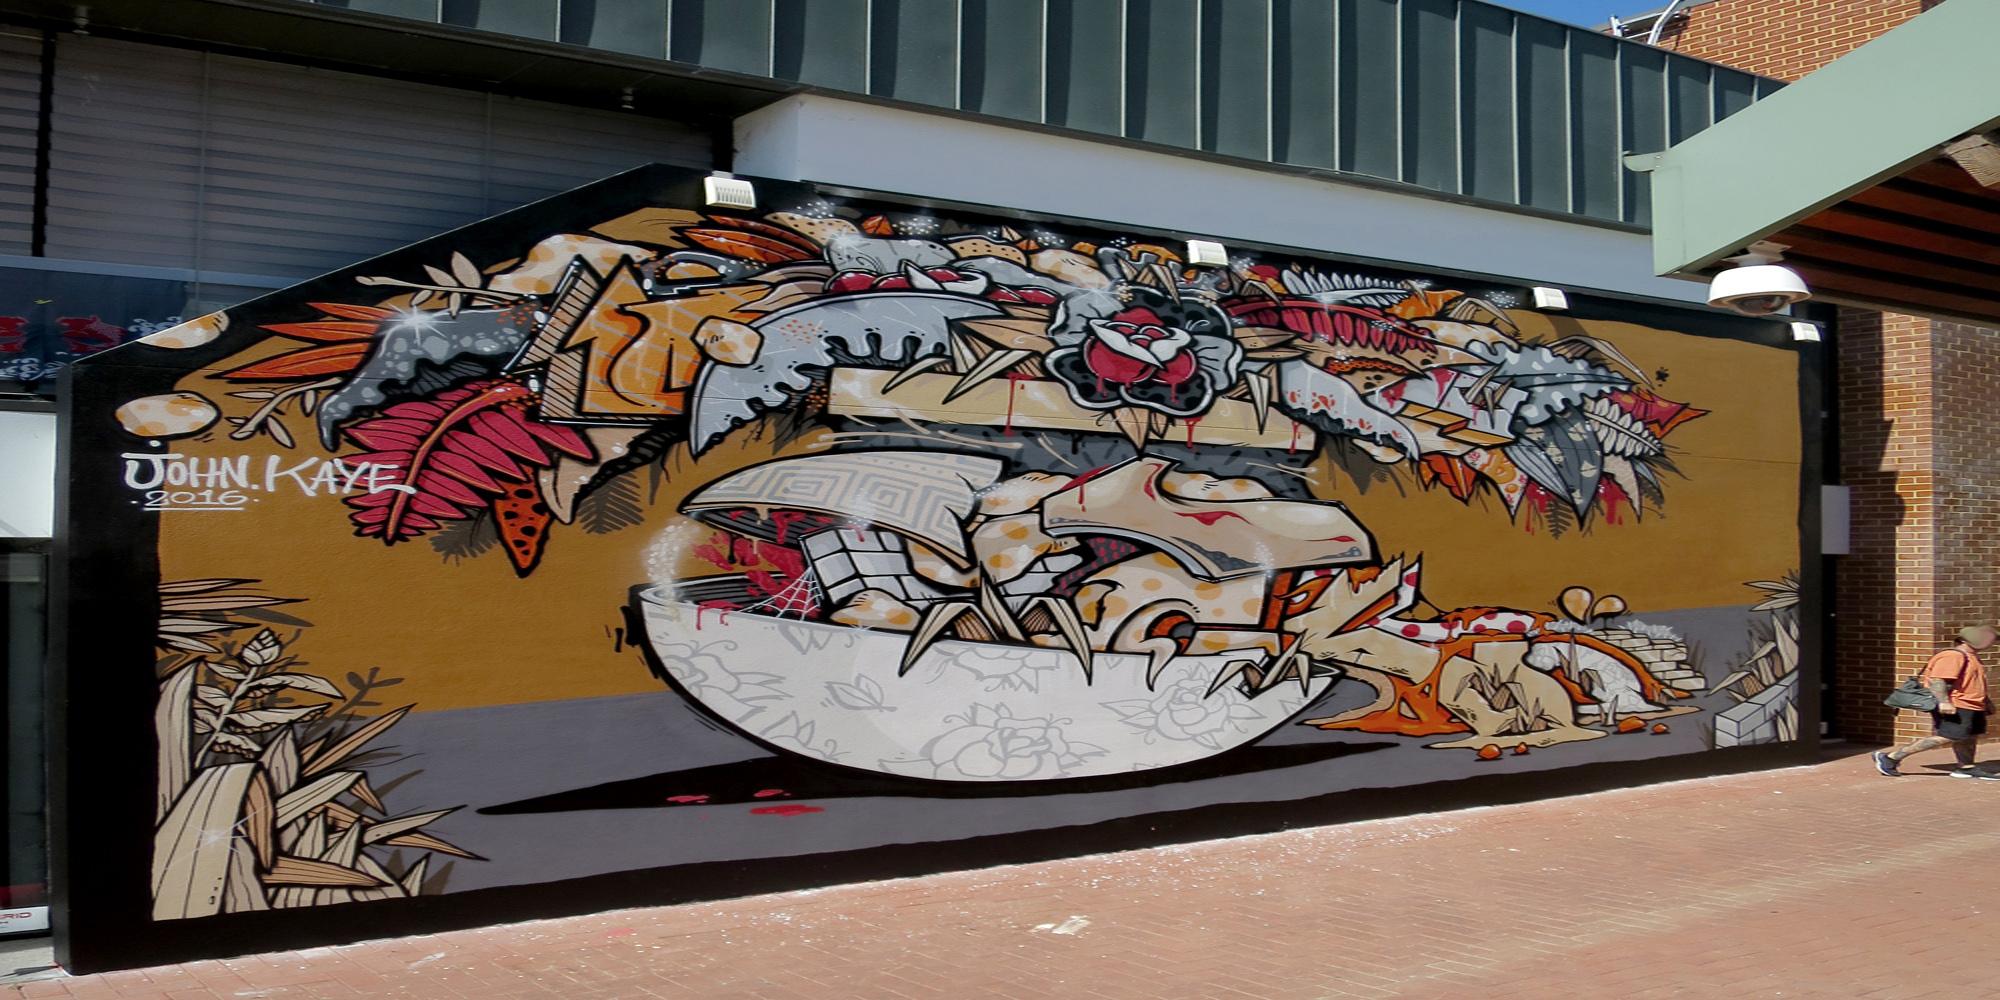 John Kaye, graffiti, Ironlak